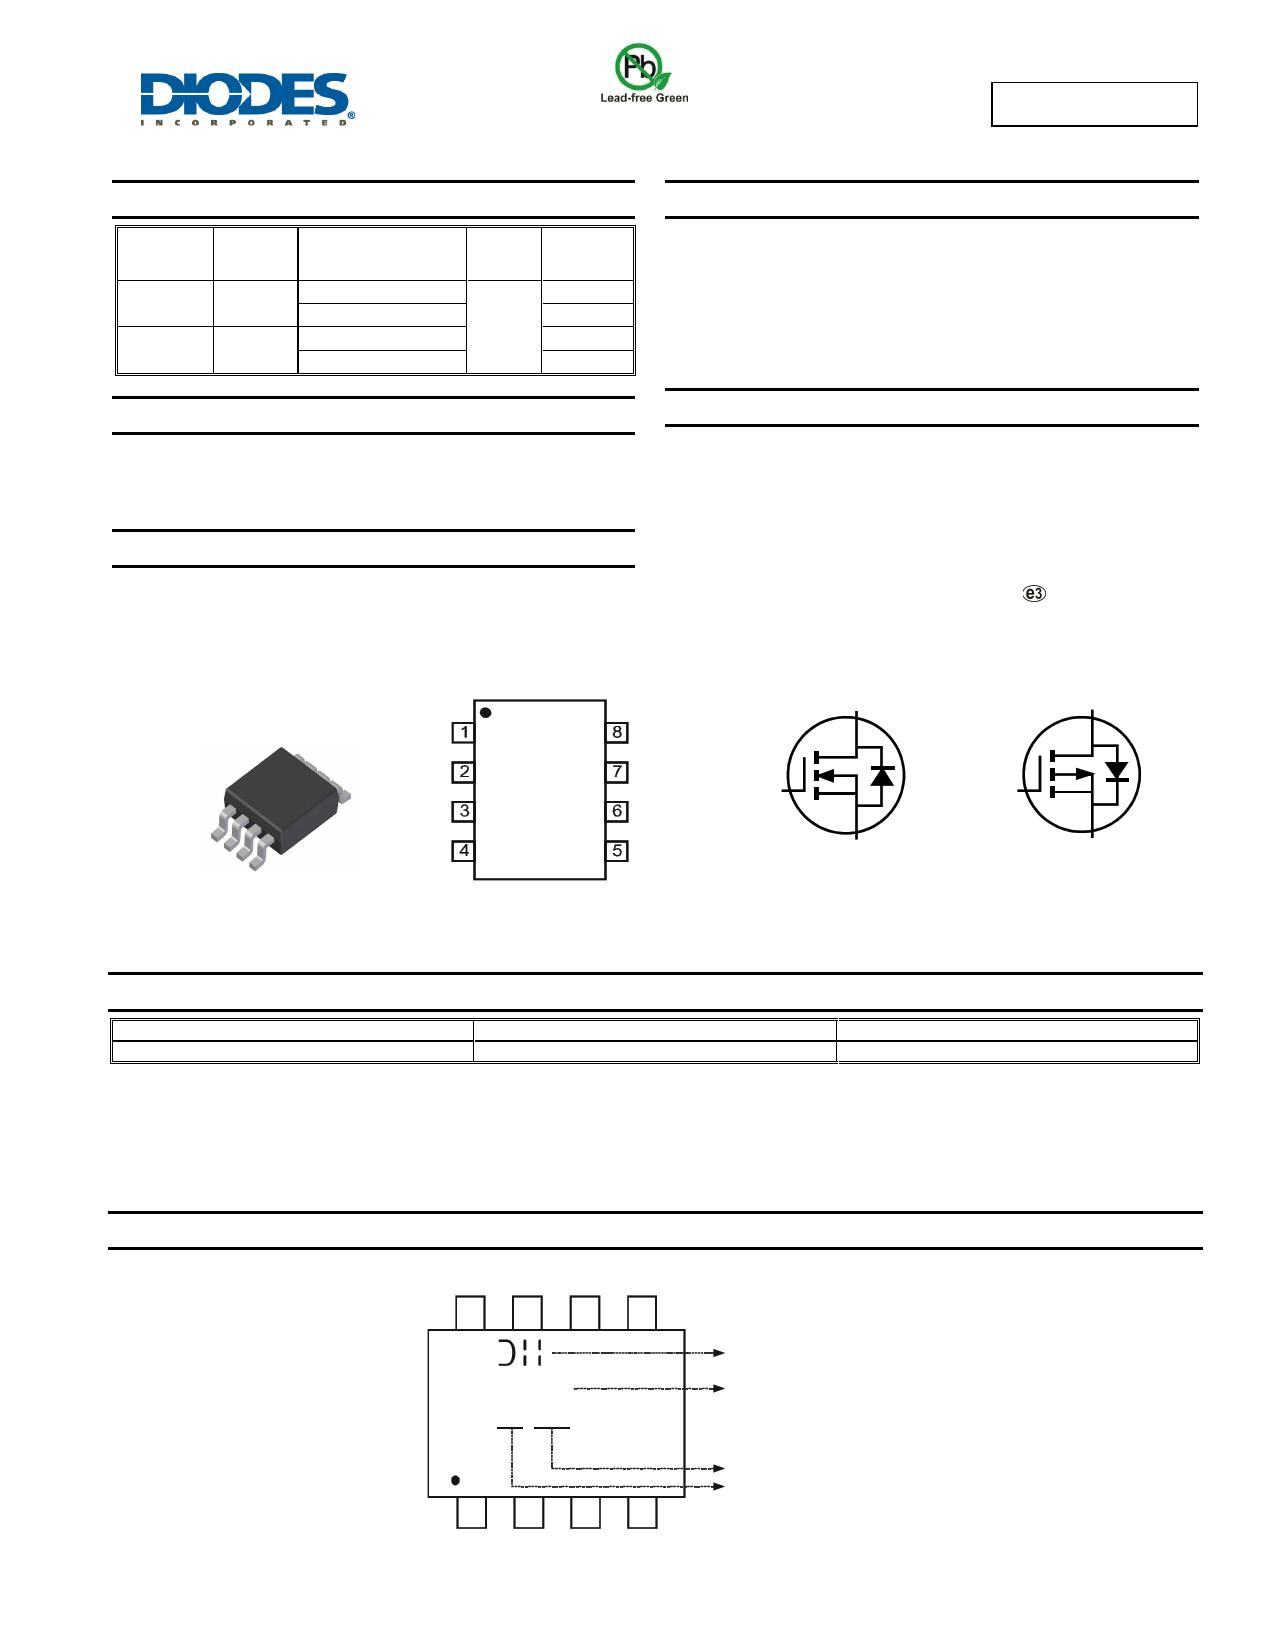 DMC3025LSD datasheet